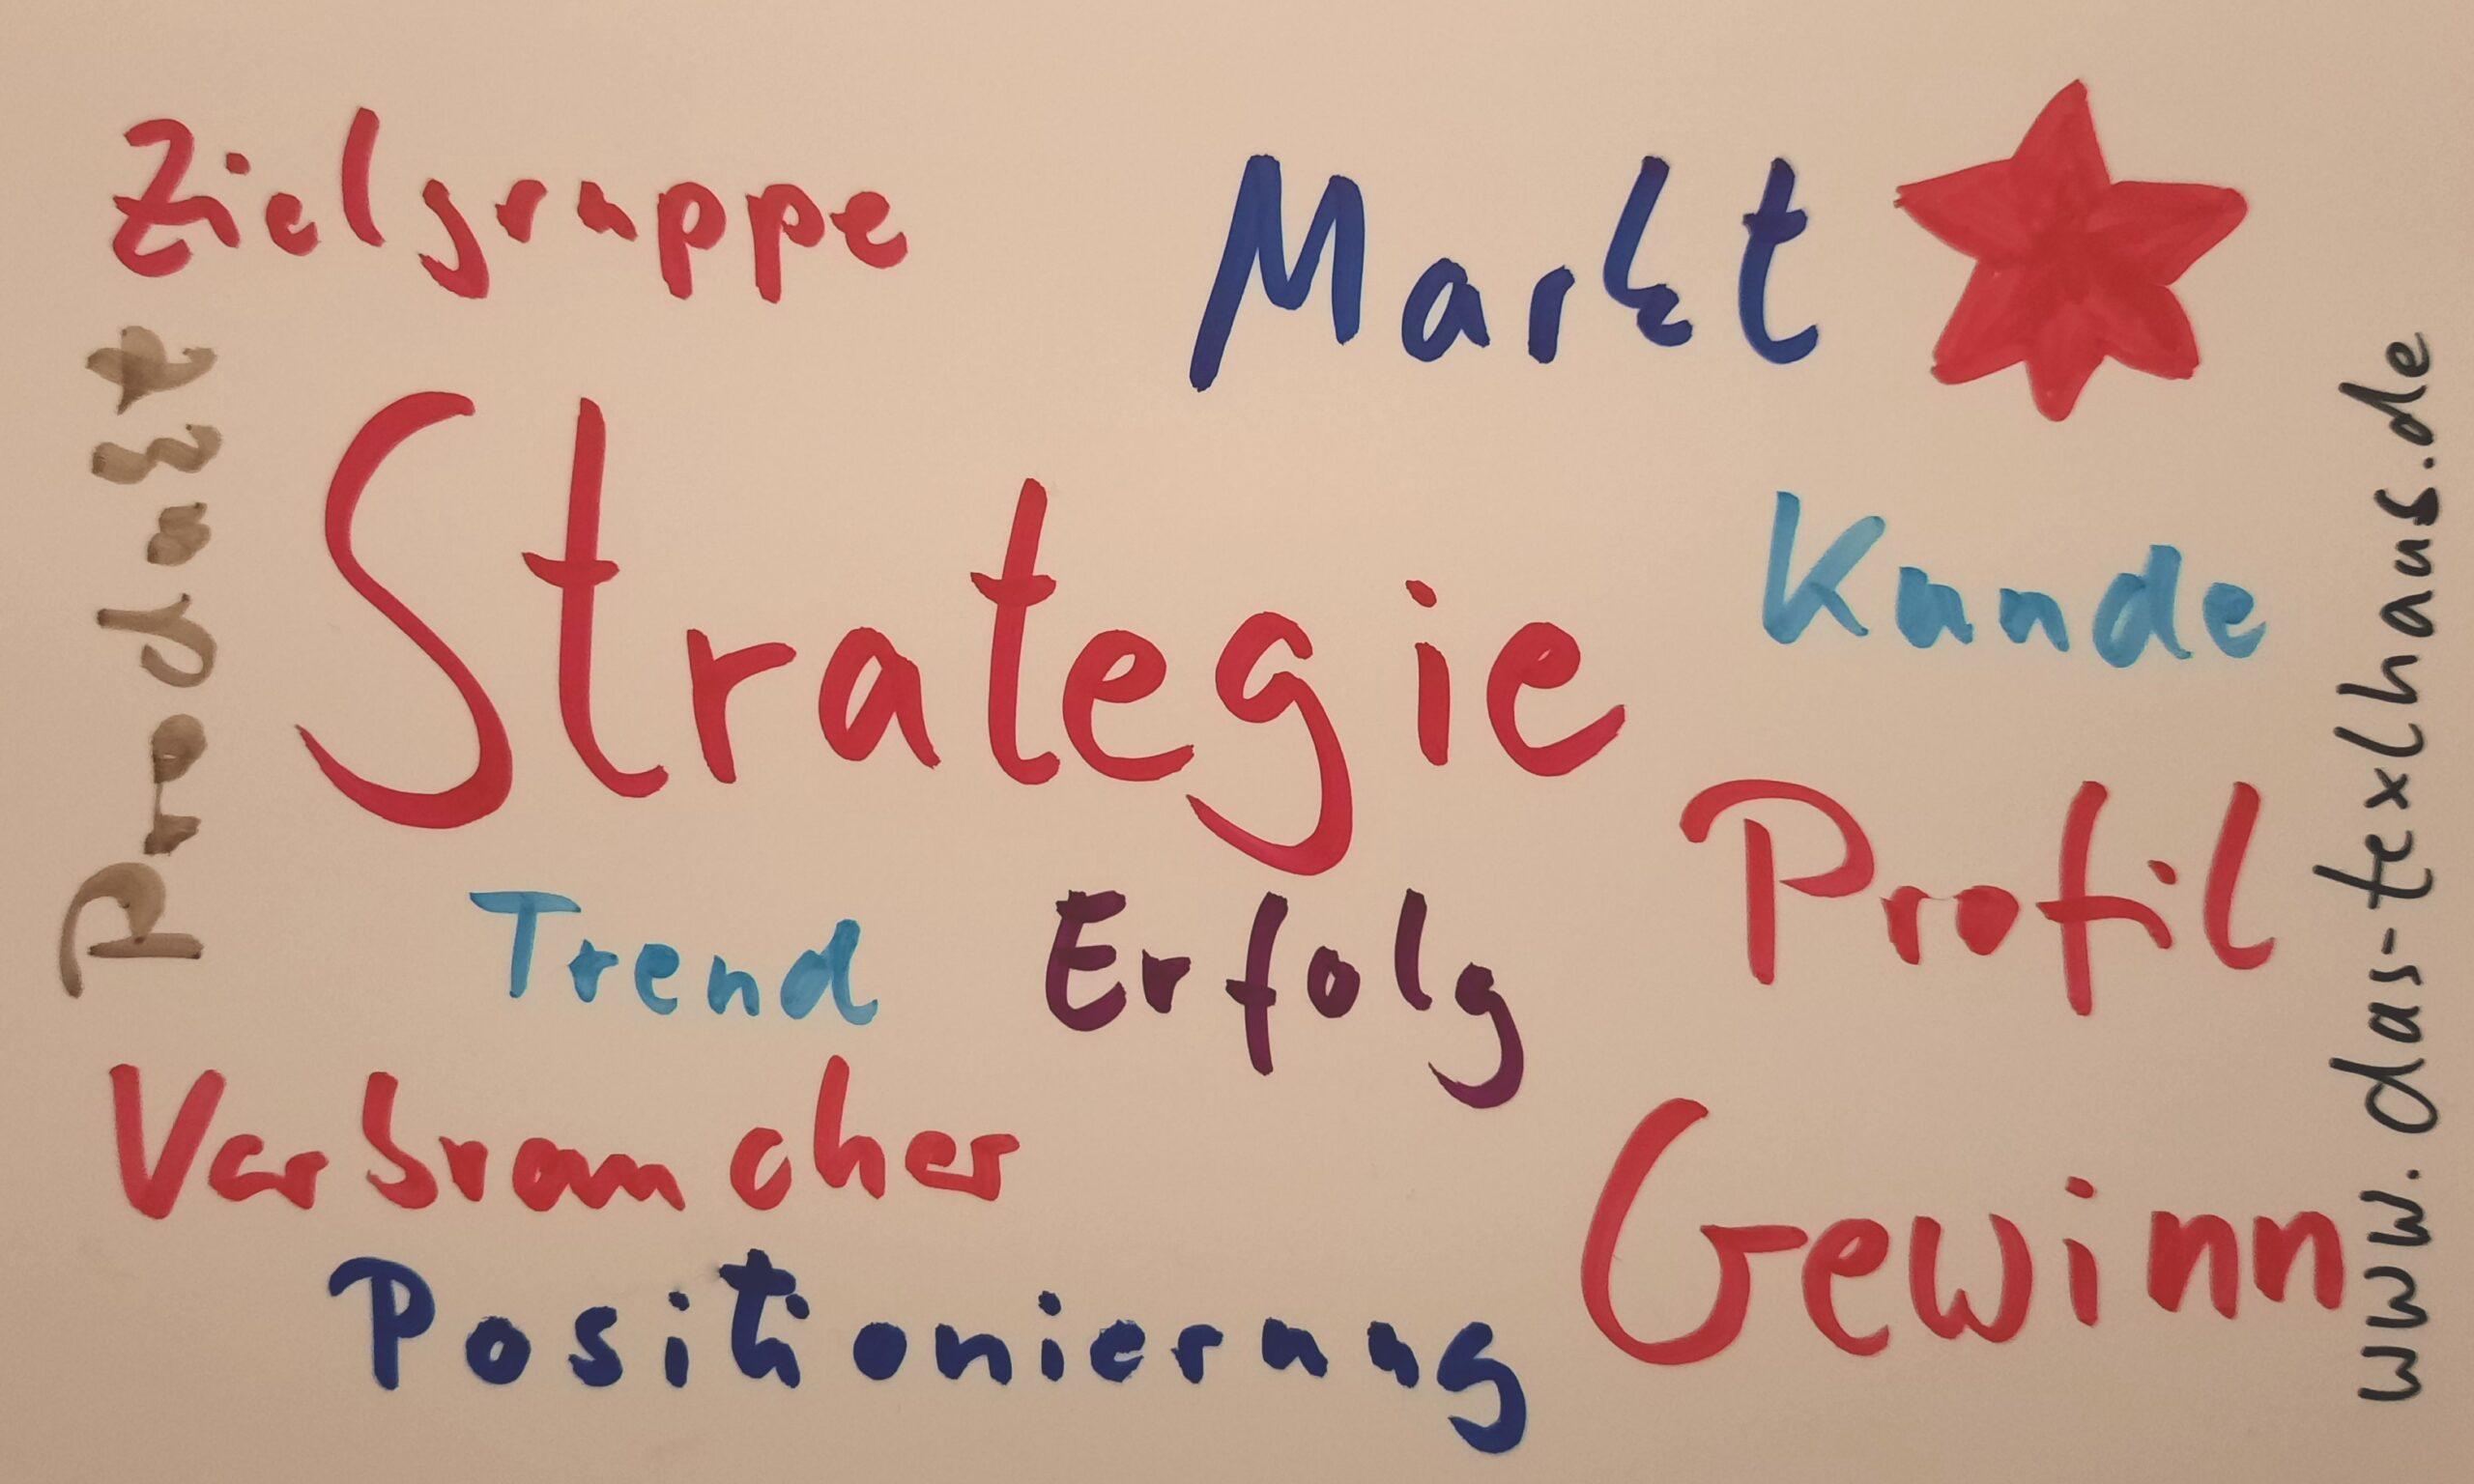 Positionierung am Markt